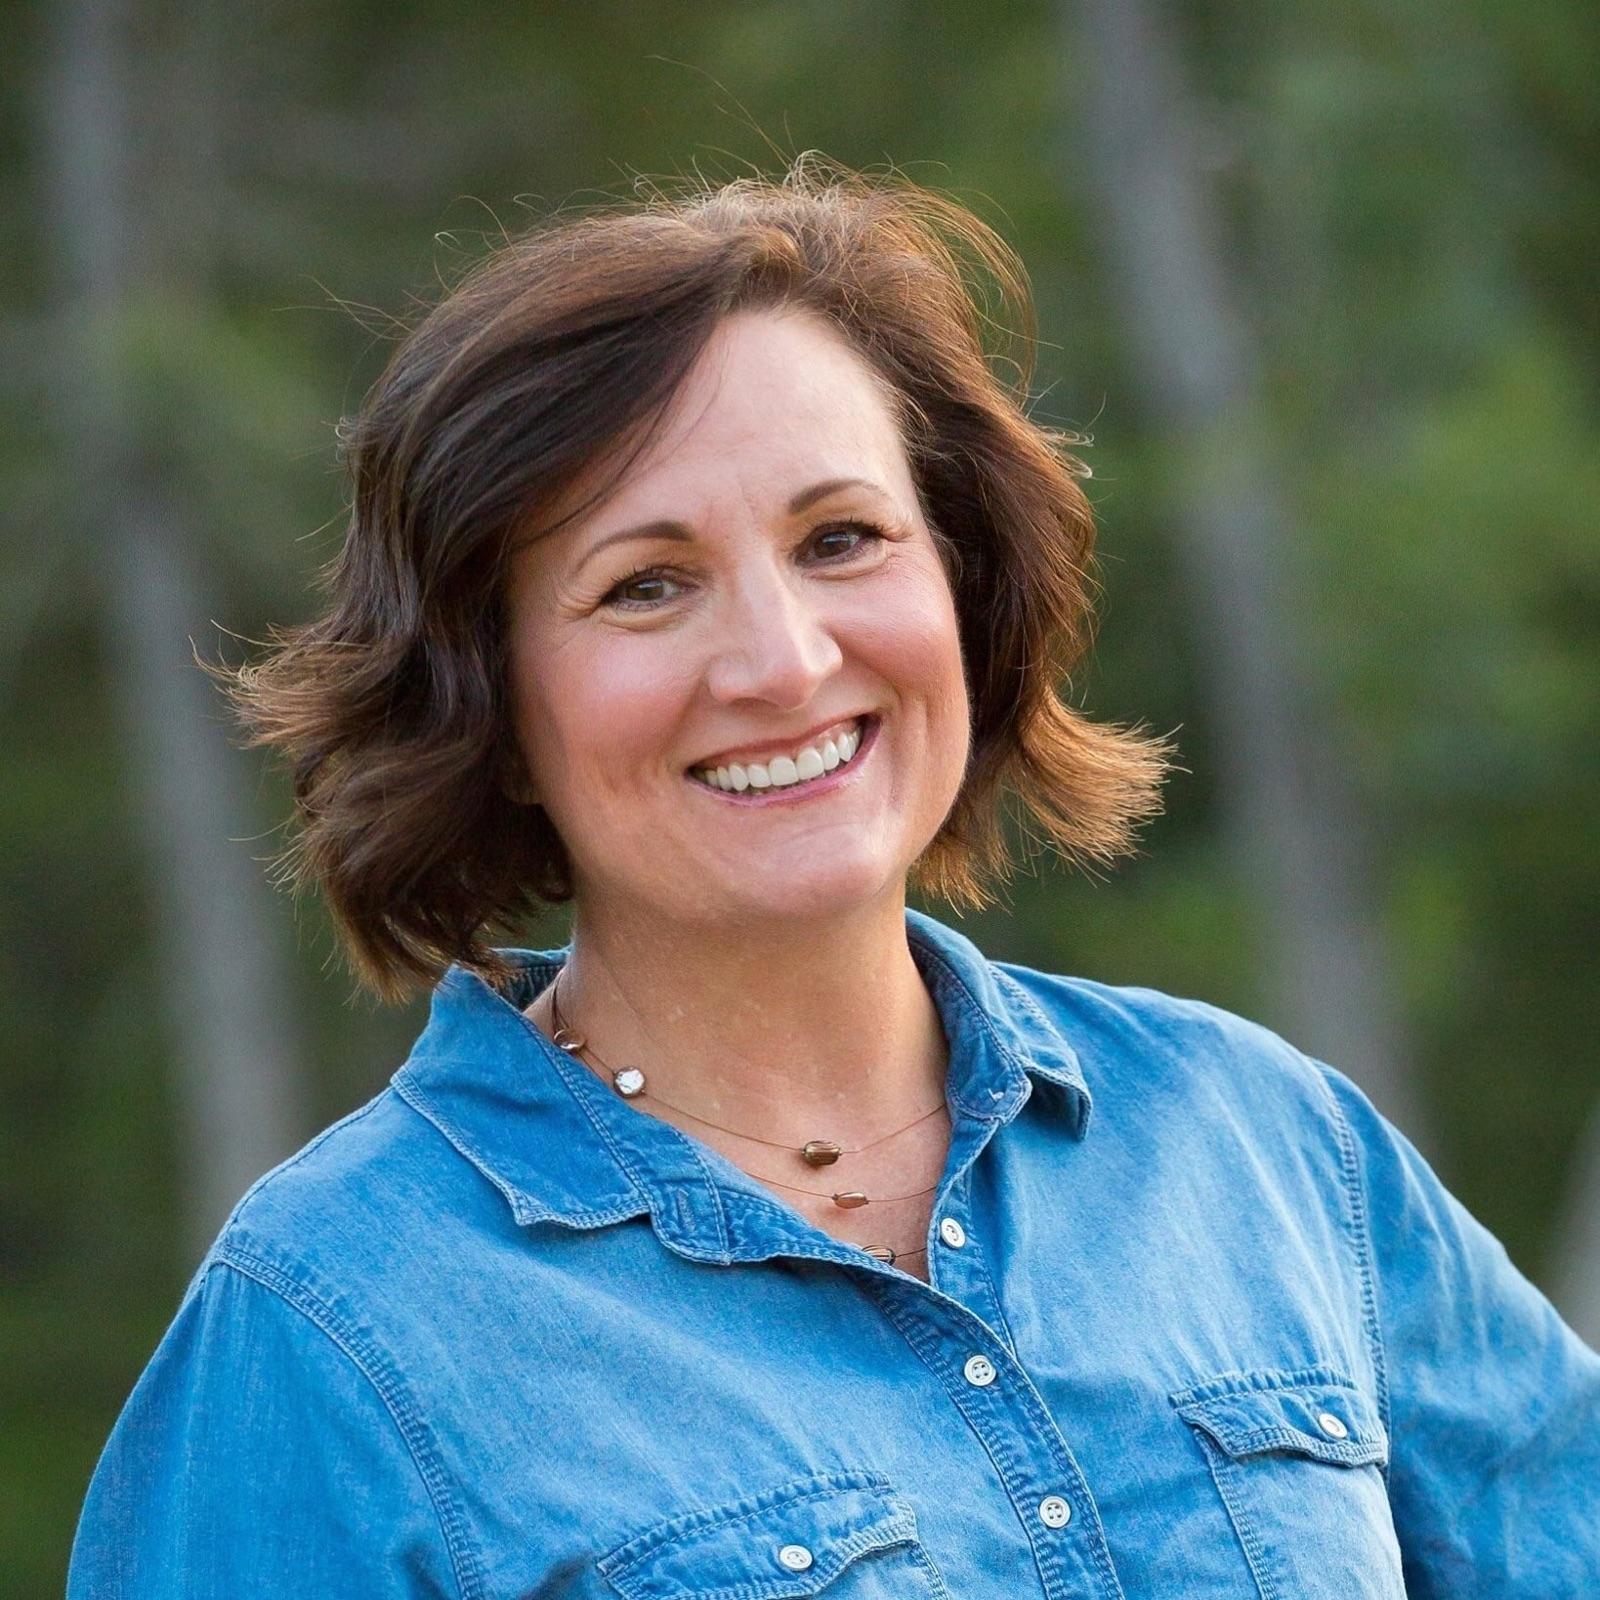 Susan Larsen Headshot.jpg